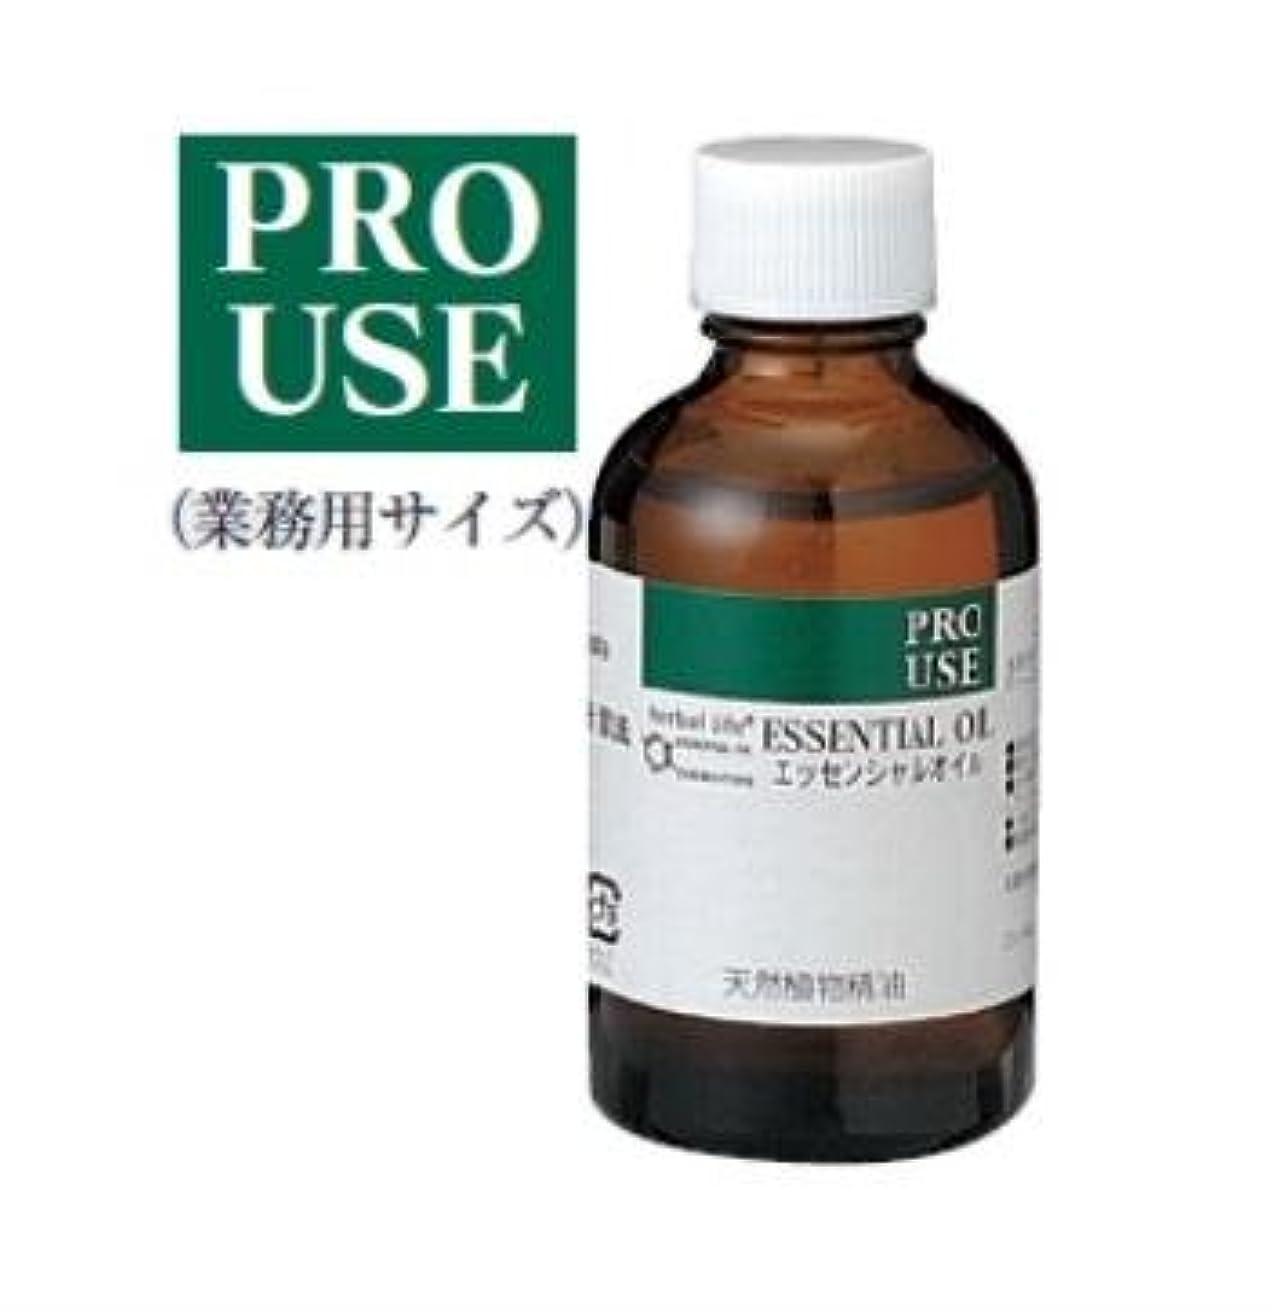 通りリー硫黄生活の木 エッセンシャルオイル ゼラニウム 精油 50ml アロマオイル アロマ